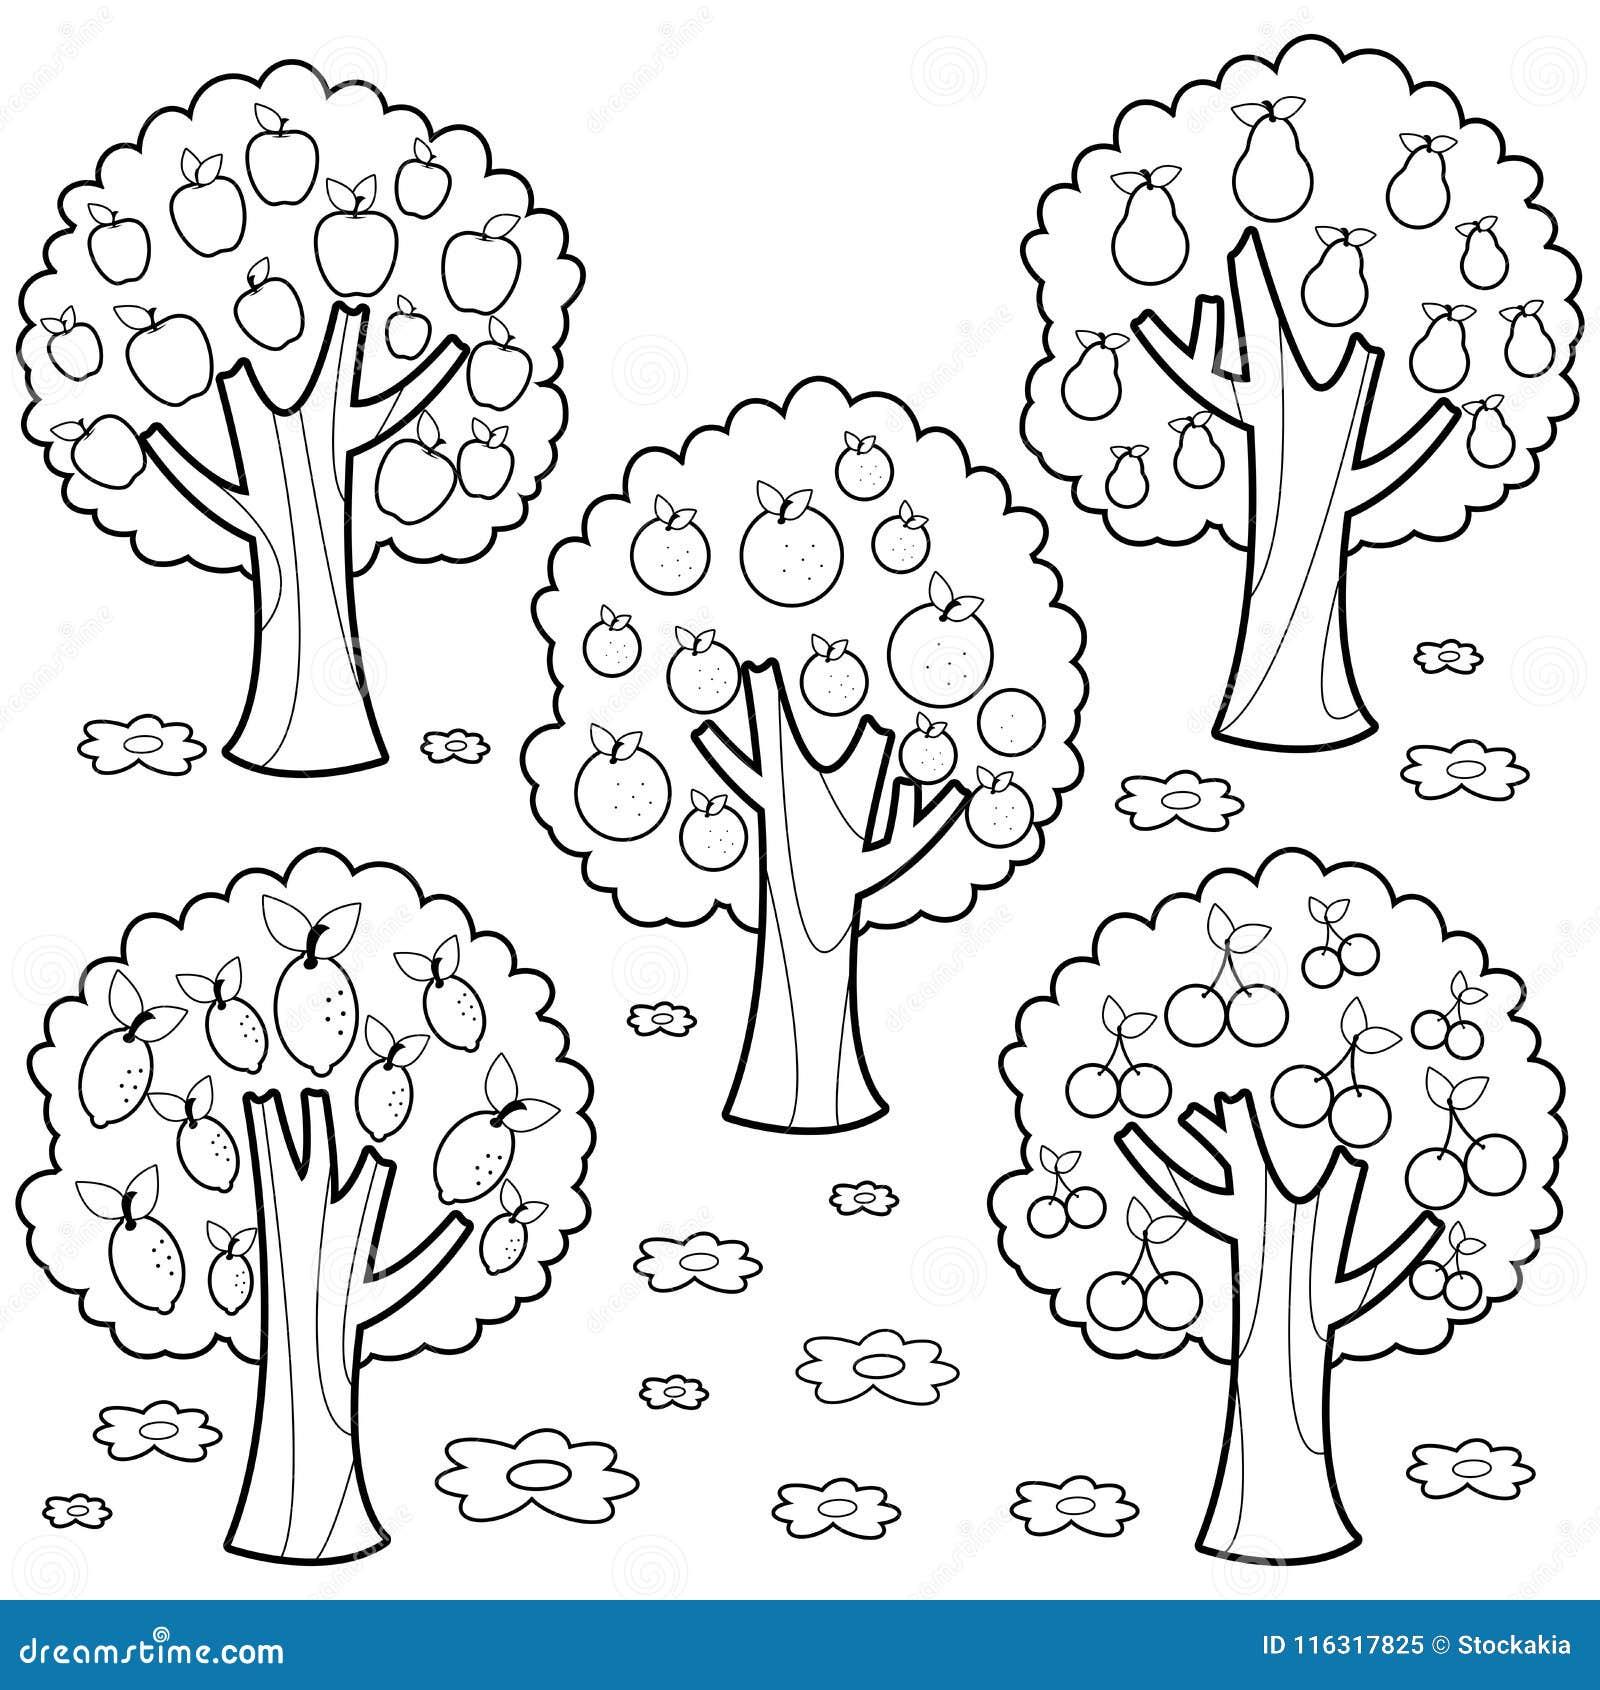 Coloriage Arbre Pommier.Arbres Fruitiers Page Noire Et Blanche De Livre De Coloriage